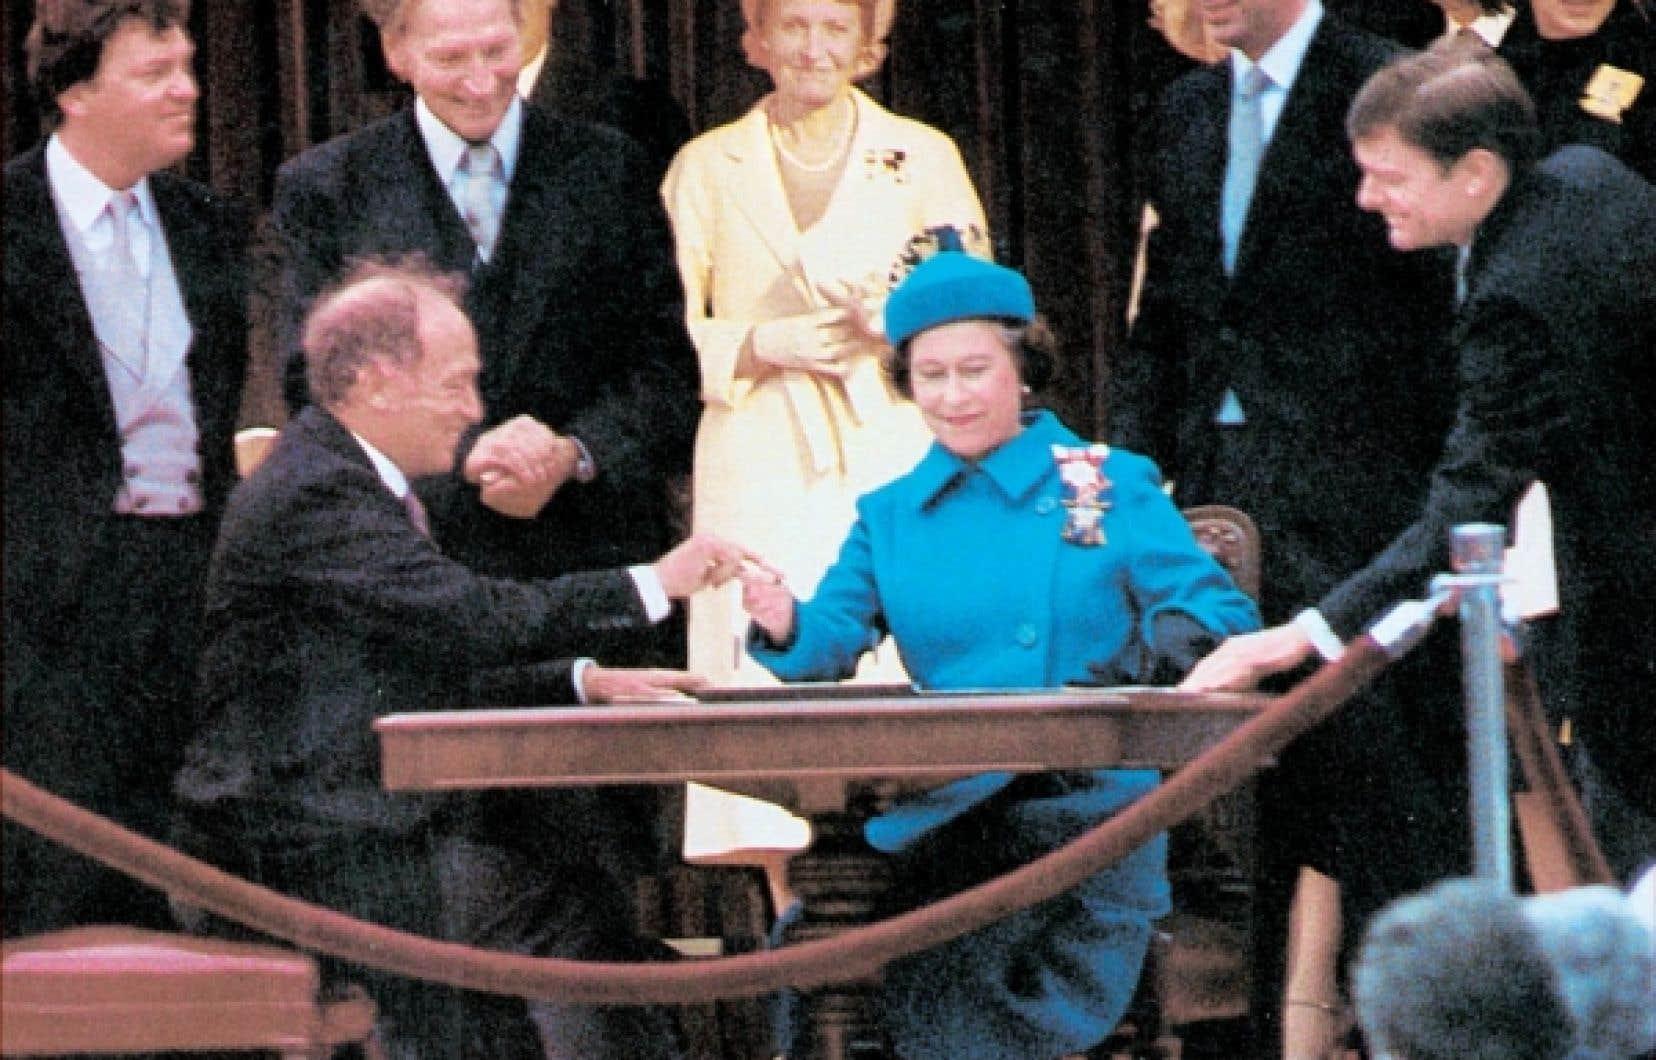 La Loi de 1982 sur le Canada concernant le rapatriement de la constitution canadienne reçut la sanction royale d'Élizabeth II le 17 avril 1982 à Ottawa. Elle fut suivi d'un projet de réforme qui visait à convaincre le Québec de signer cette loi, l'accord du lac Meech.